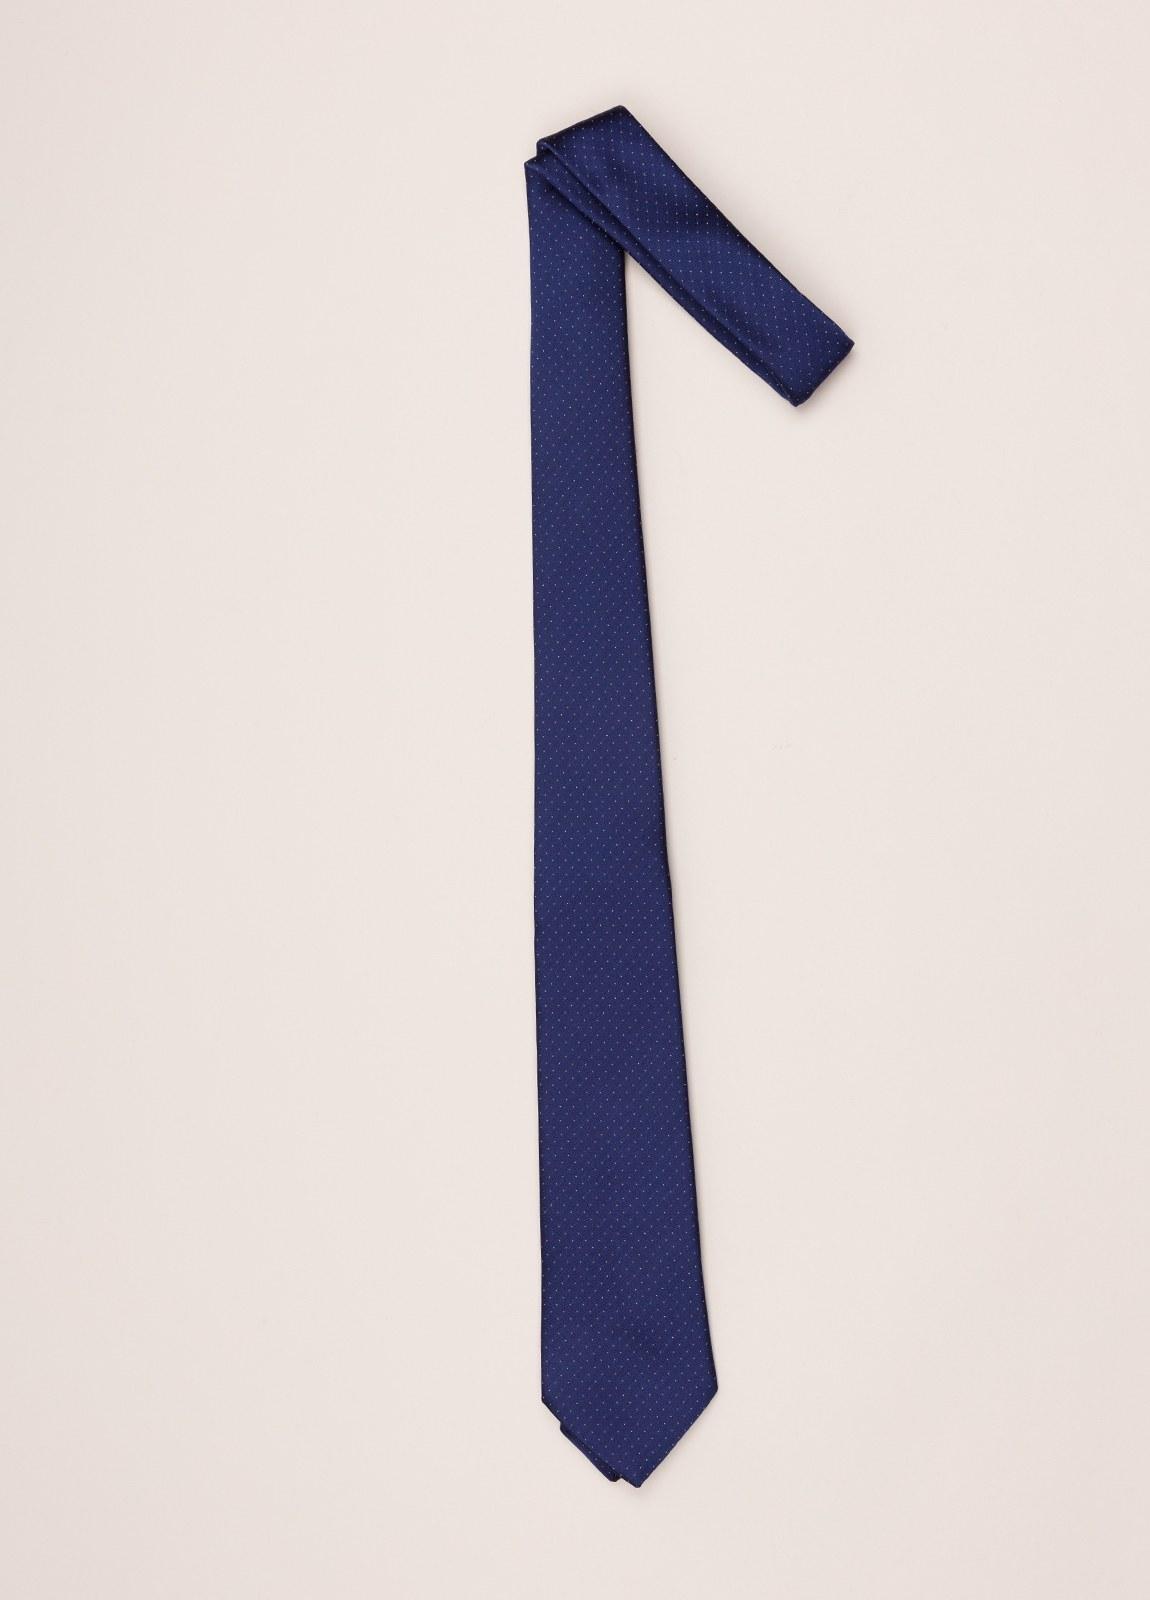 Corbata FUREST COLECCIÓN azul topito - Ítem1